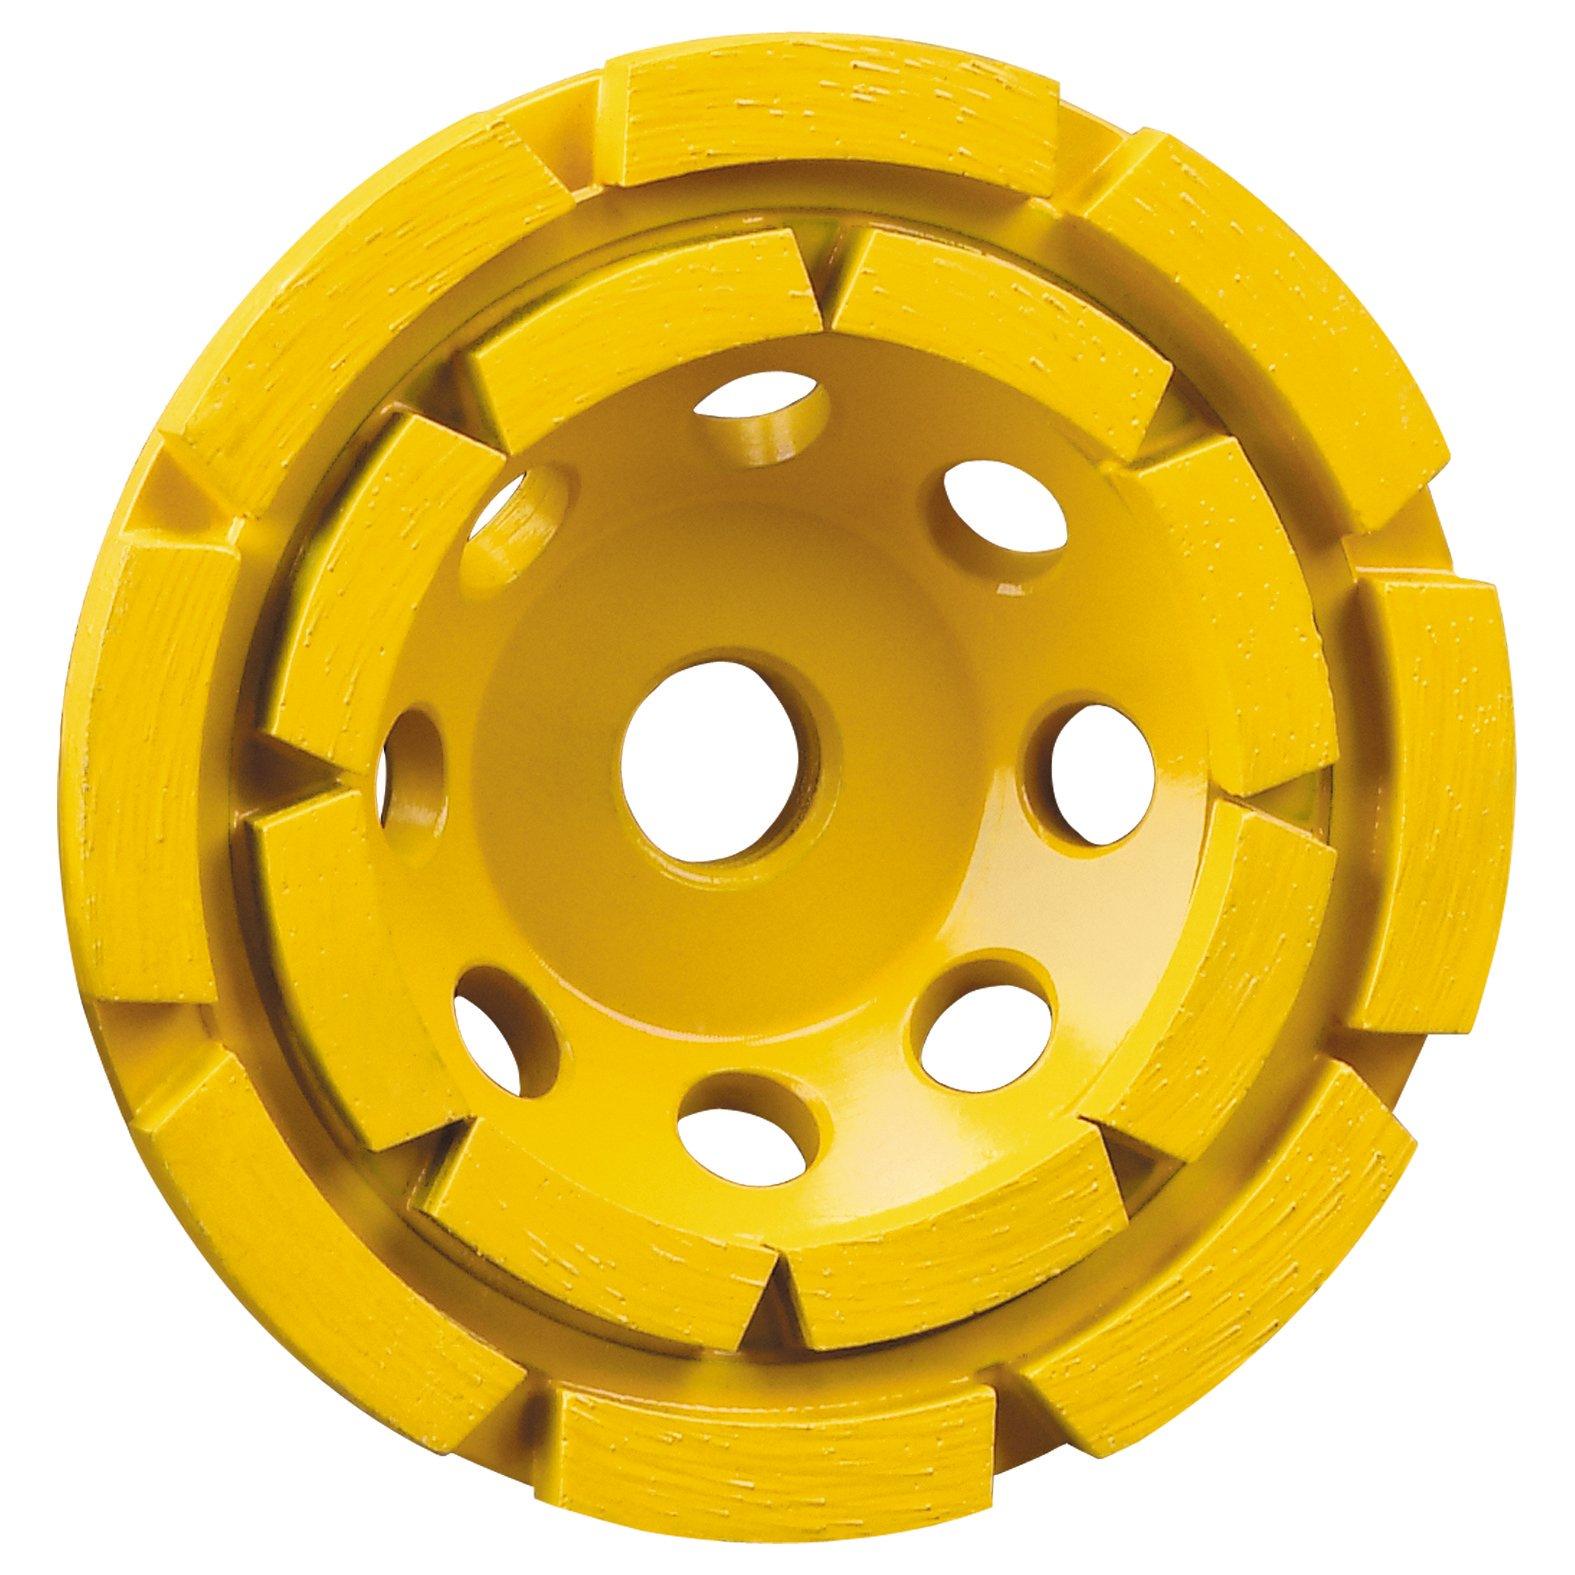 DEWALT Grinding Wheel, Double Row, Diamond Cup, 4-1/2-Inch (DW4774) by DEWALT